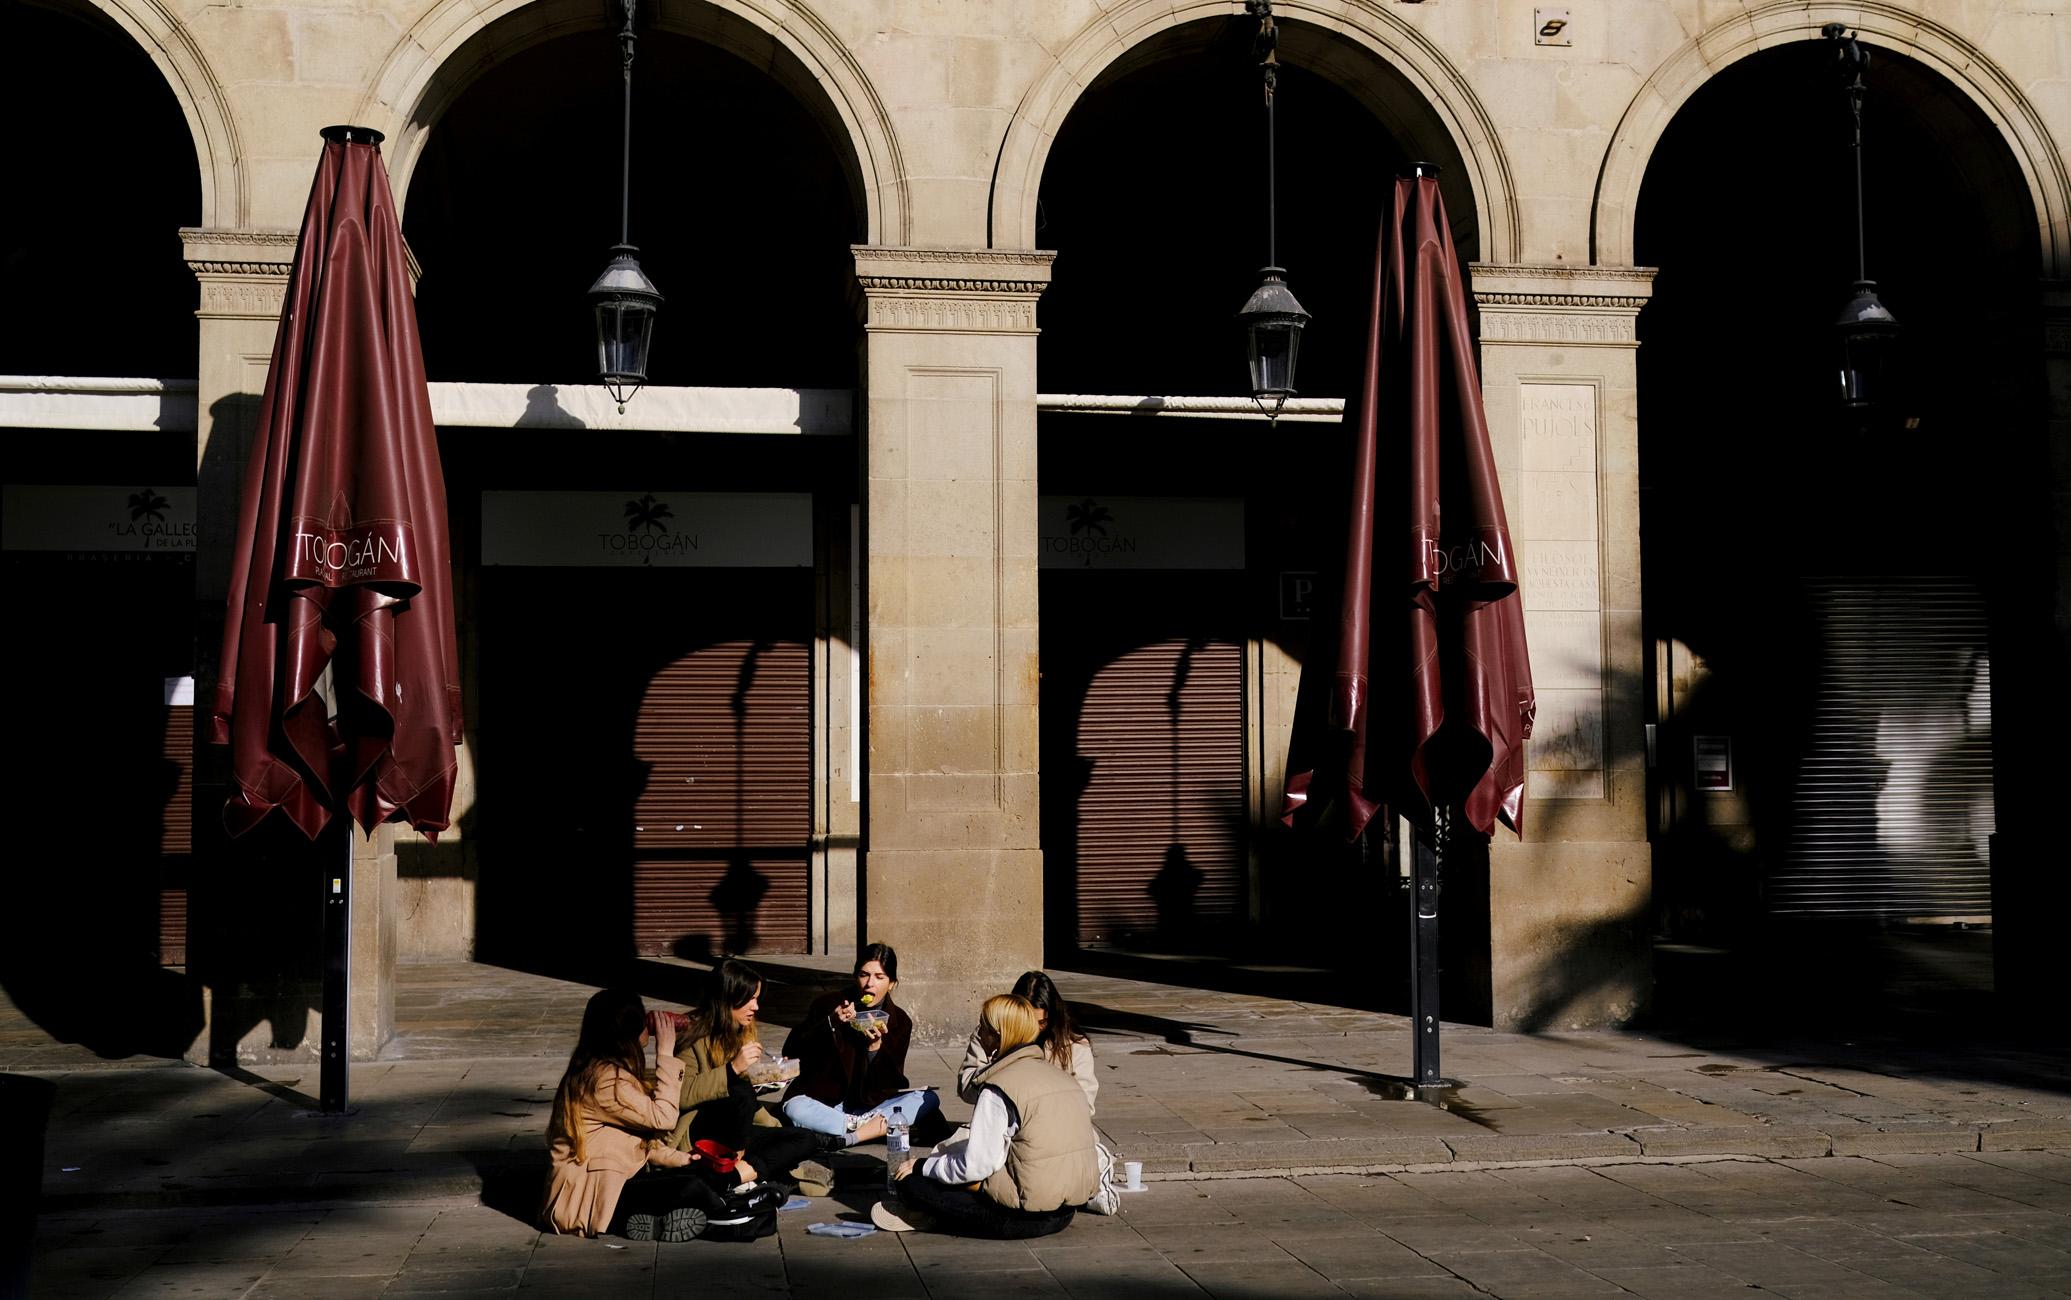 Ισπανία: Χαλάρωση των μέτρων στην Καταλονία μετά τη μείωση των κρουσμάτων κορονοϊού